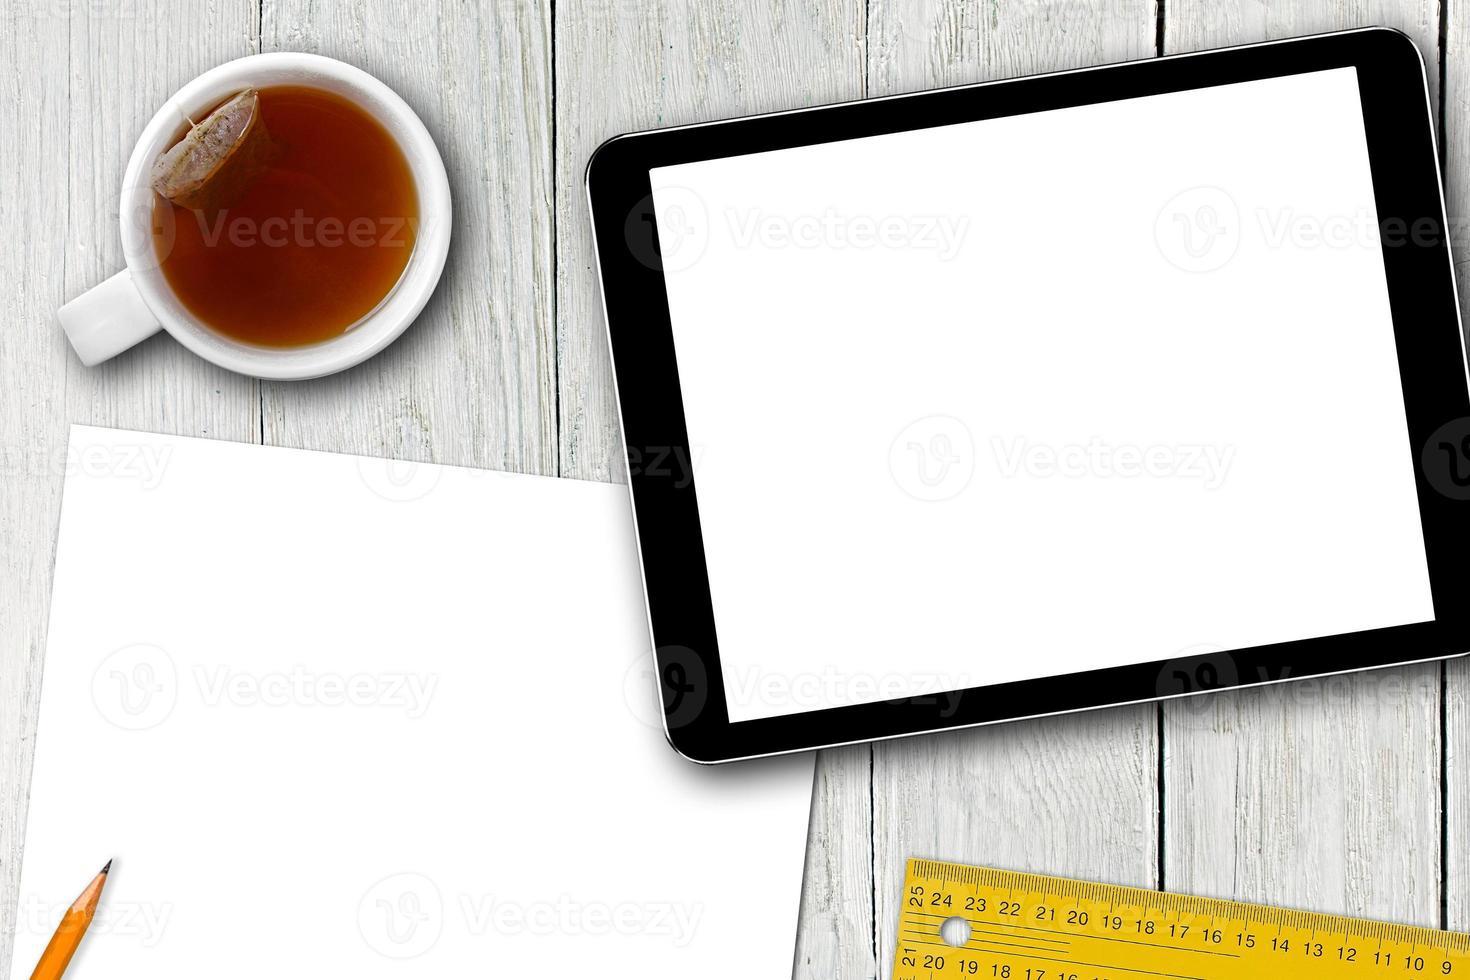 Tablette numérique, tasse de thé et feuille de papier sur table en bois photo